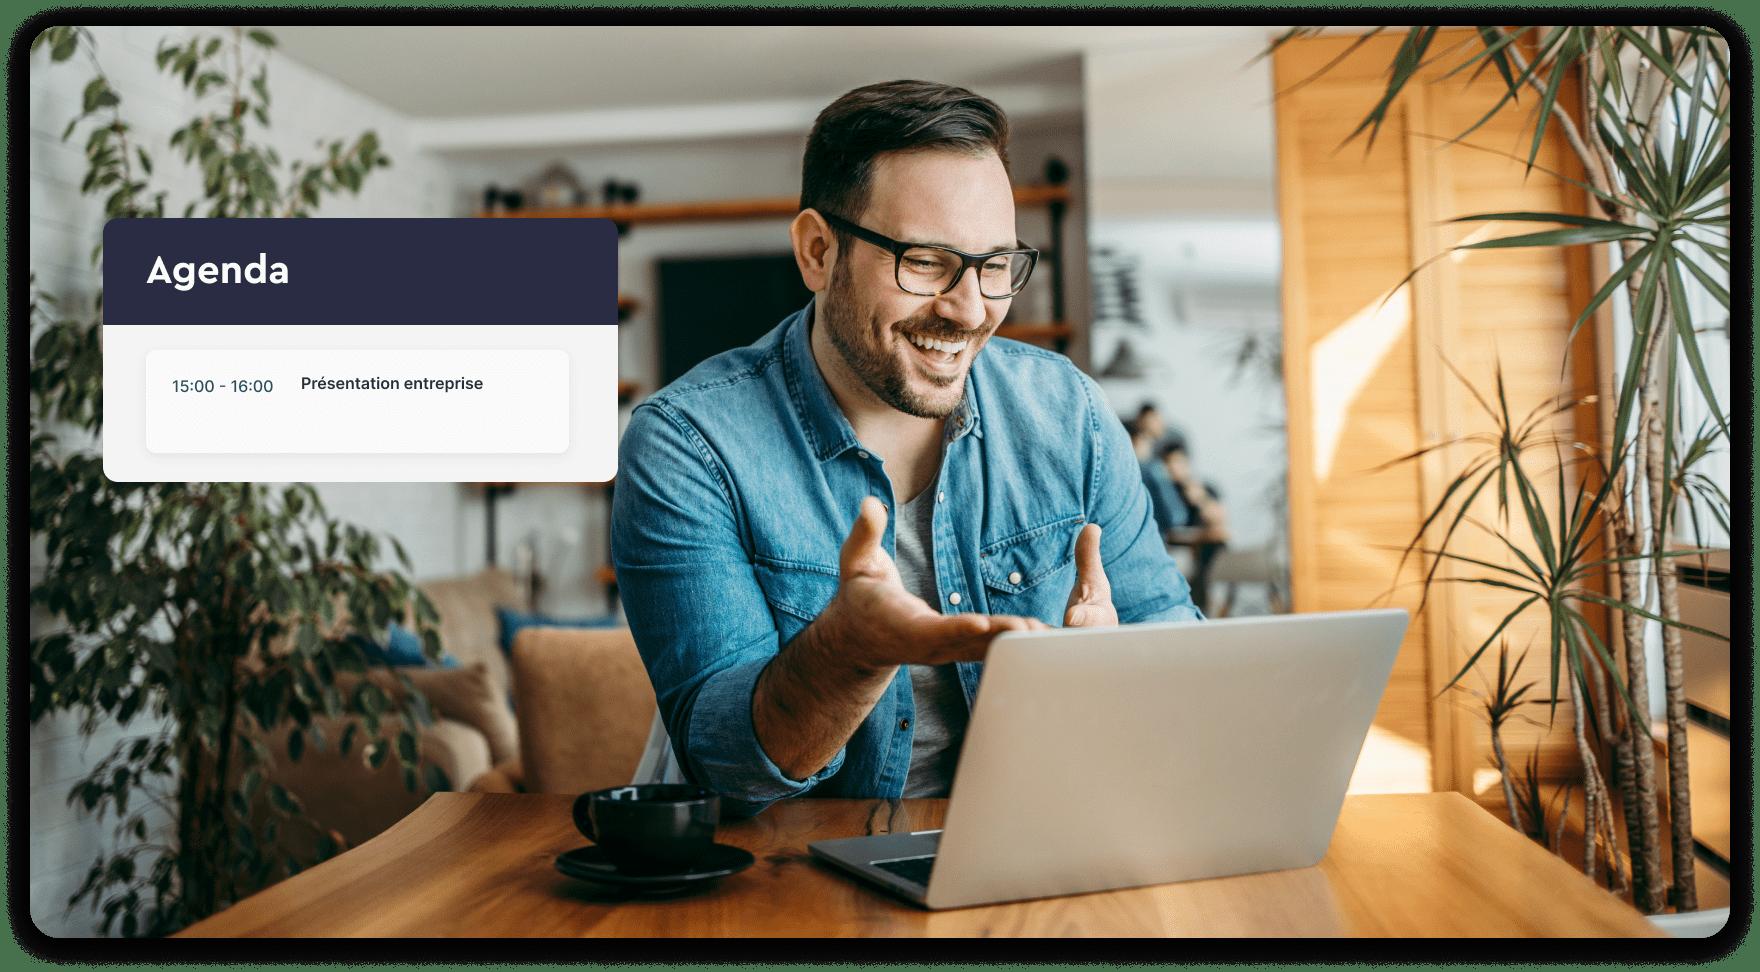 Besoin d'organiser un webinaire ou une présentation d'entreprise